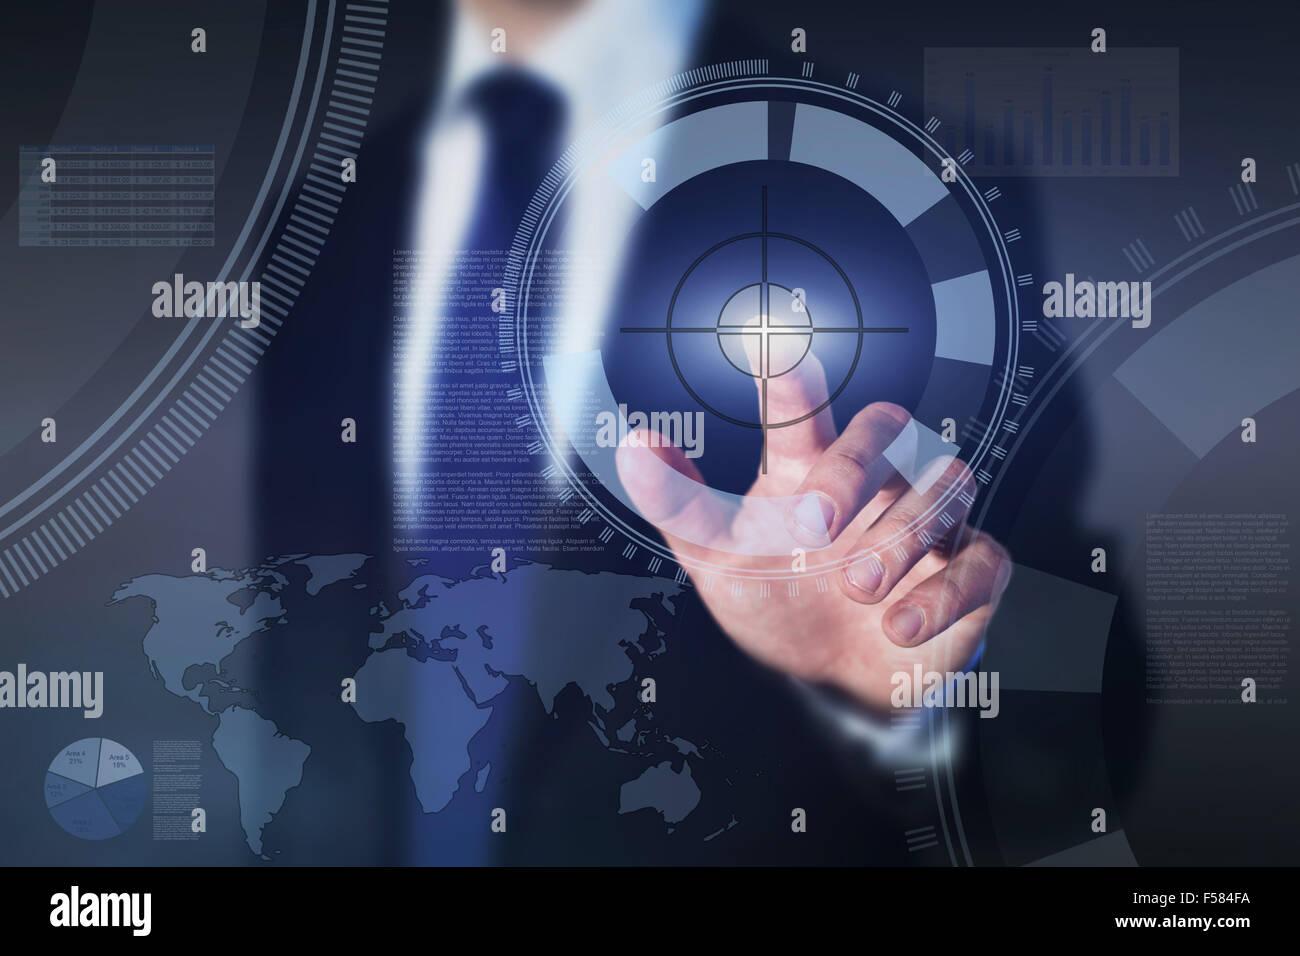 La acertada gestión empresarial, concepto abstracto Imagen De Stock